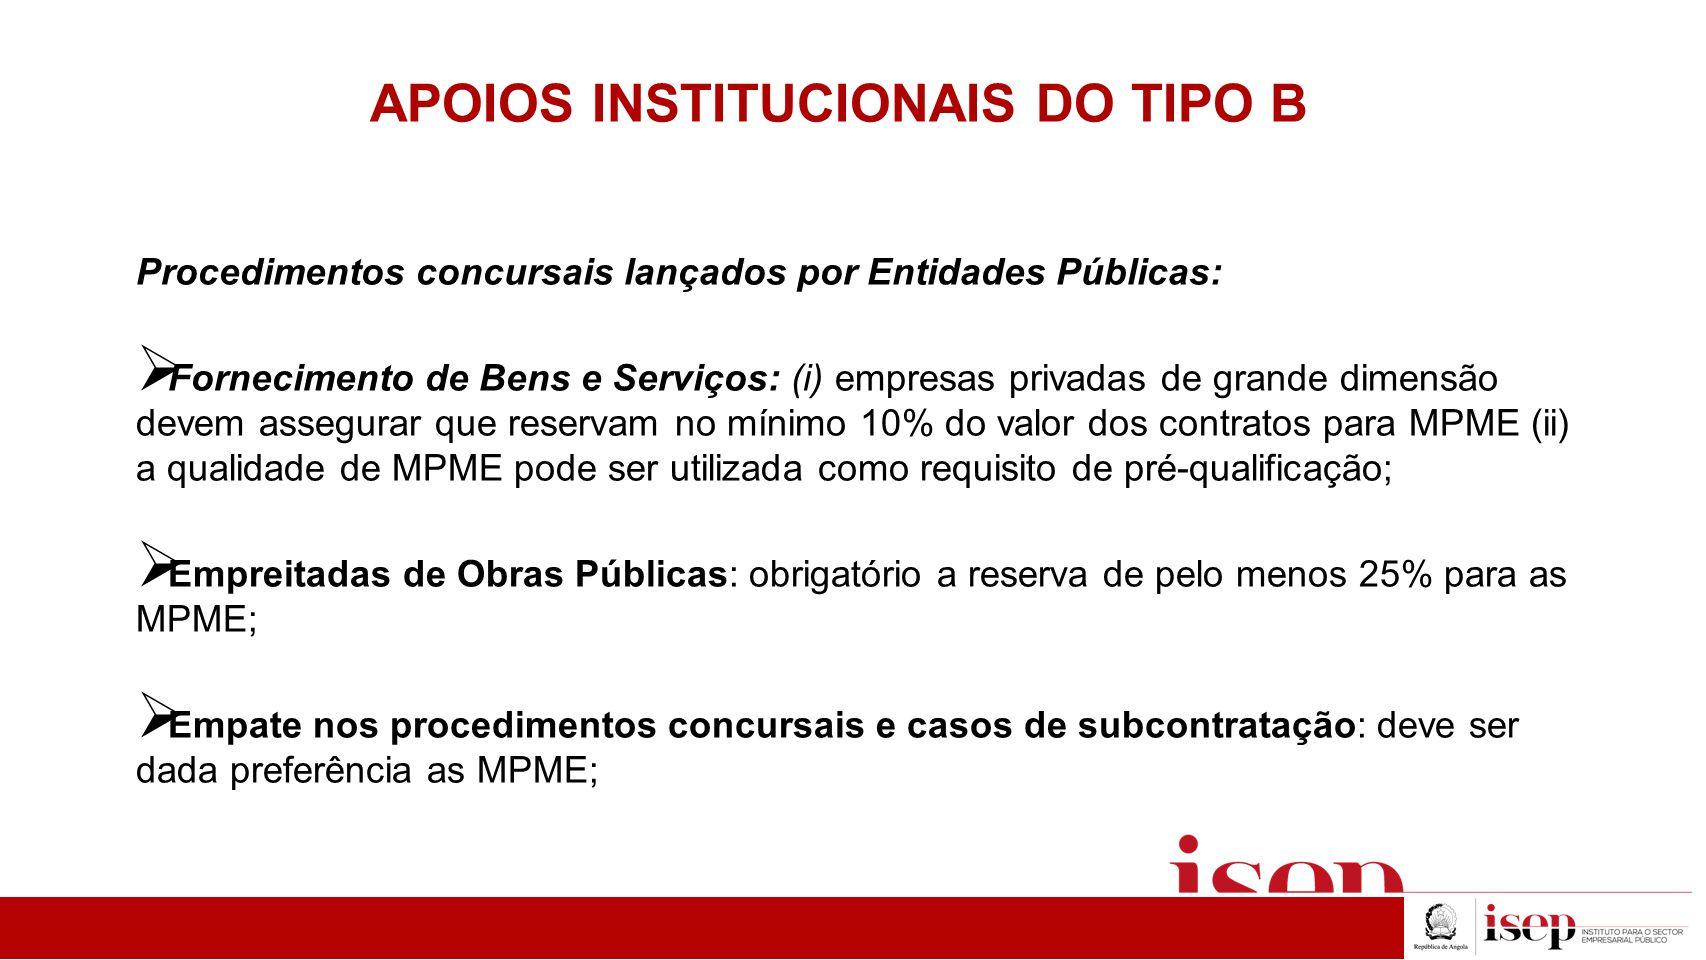 APOIOS INSTITUCIONAIS DO TIPO B Procedimentos concursais lançados por Entidades Públicas:  Fornecimento de Bens e Serviços: (i) empresas privadas de